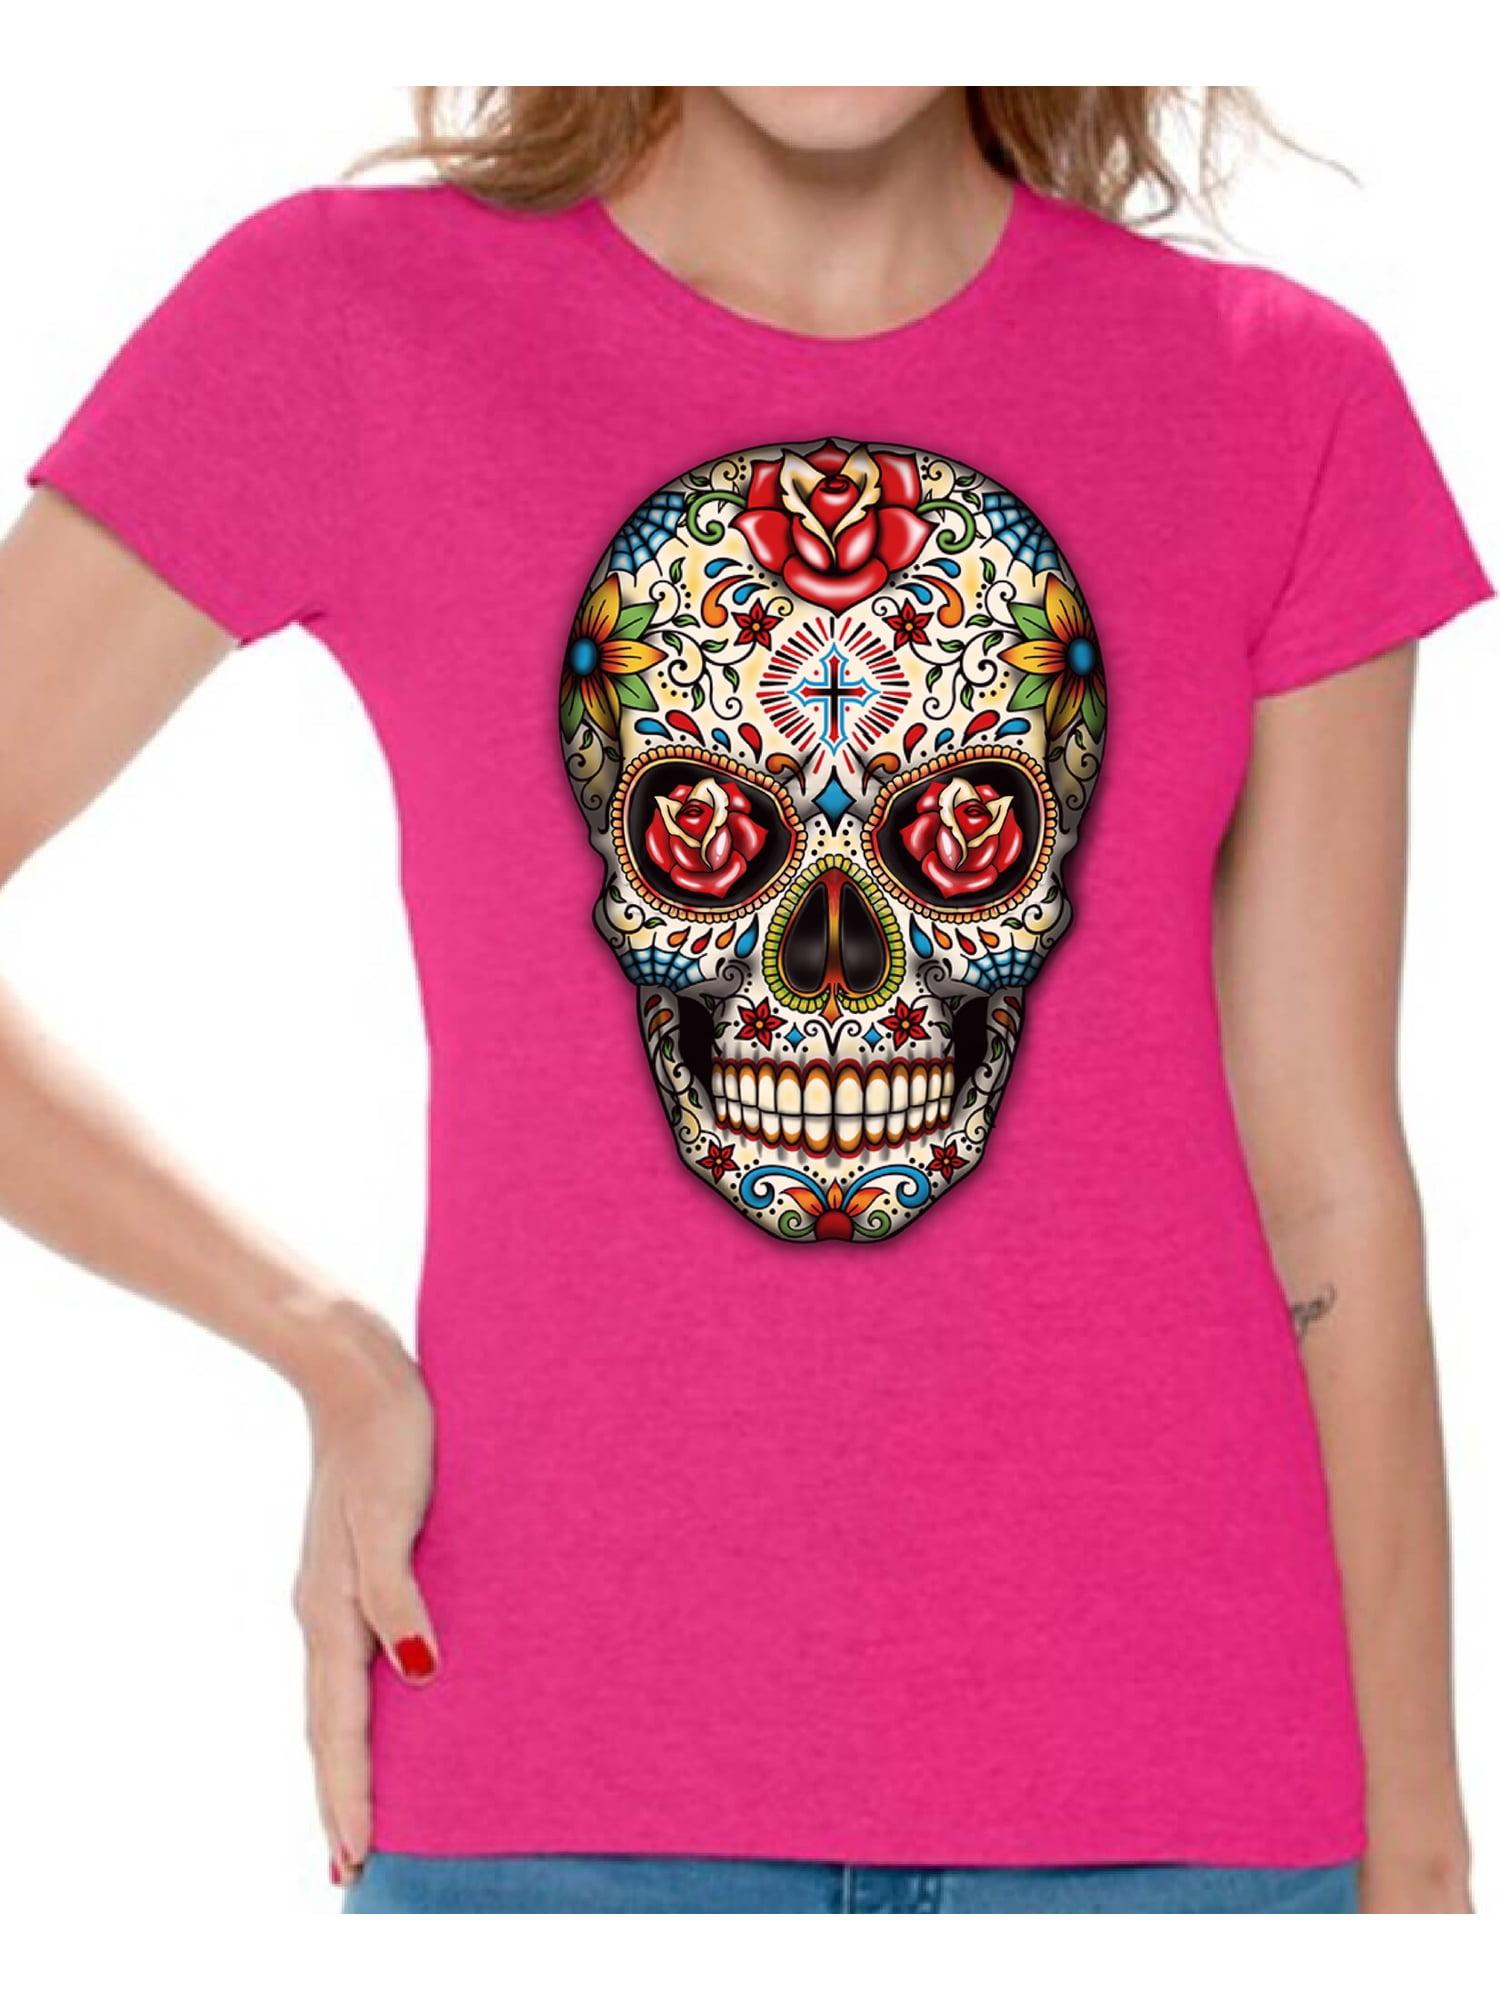 Awkward Styles Rose Eyes Skull Tshirt for Women Sugar Skull Roses ...